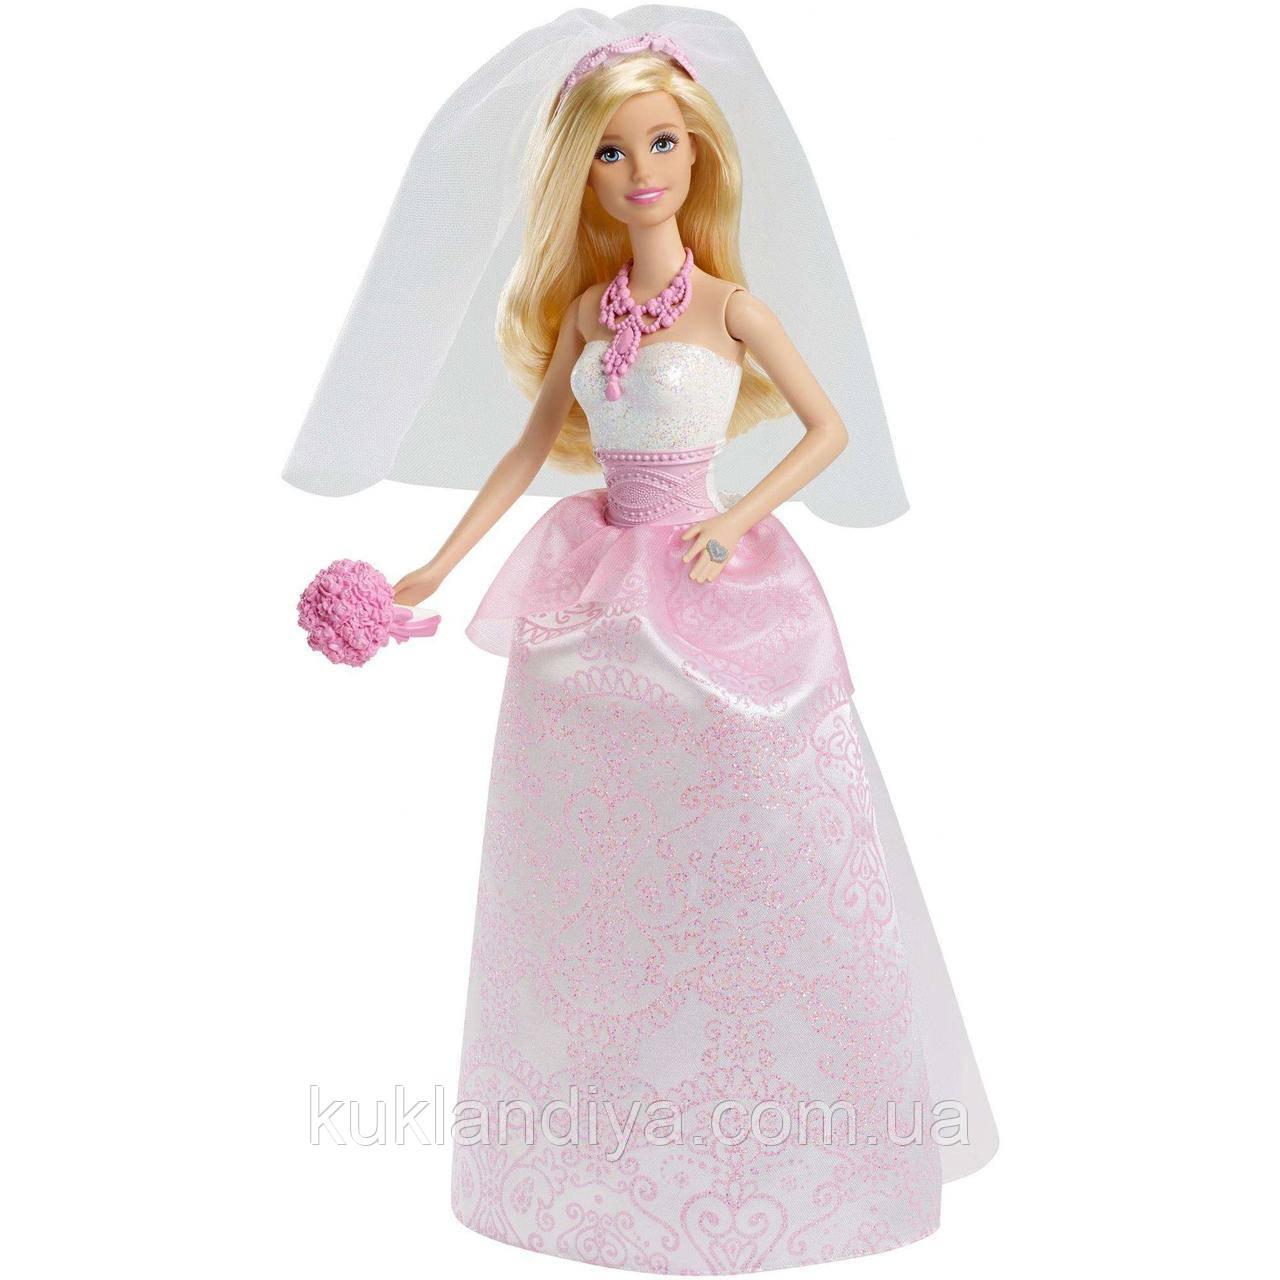 Кукла Barbie Невеста в бело-розовом платье с букетом